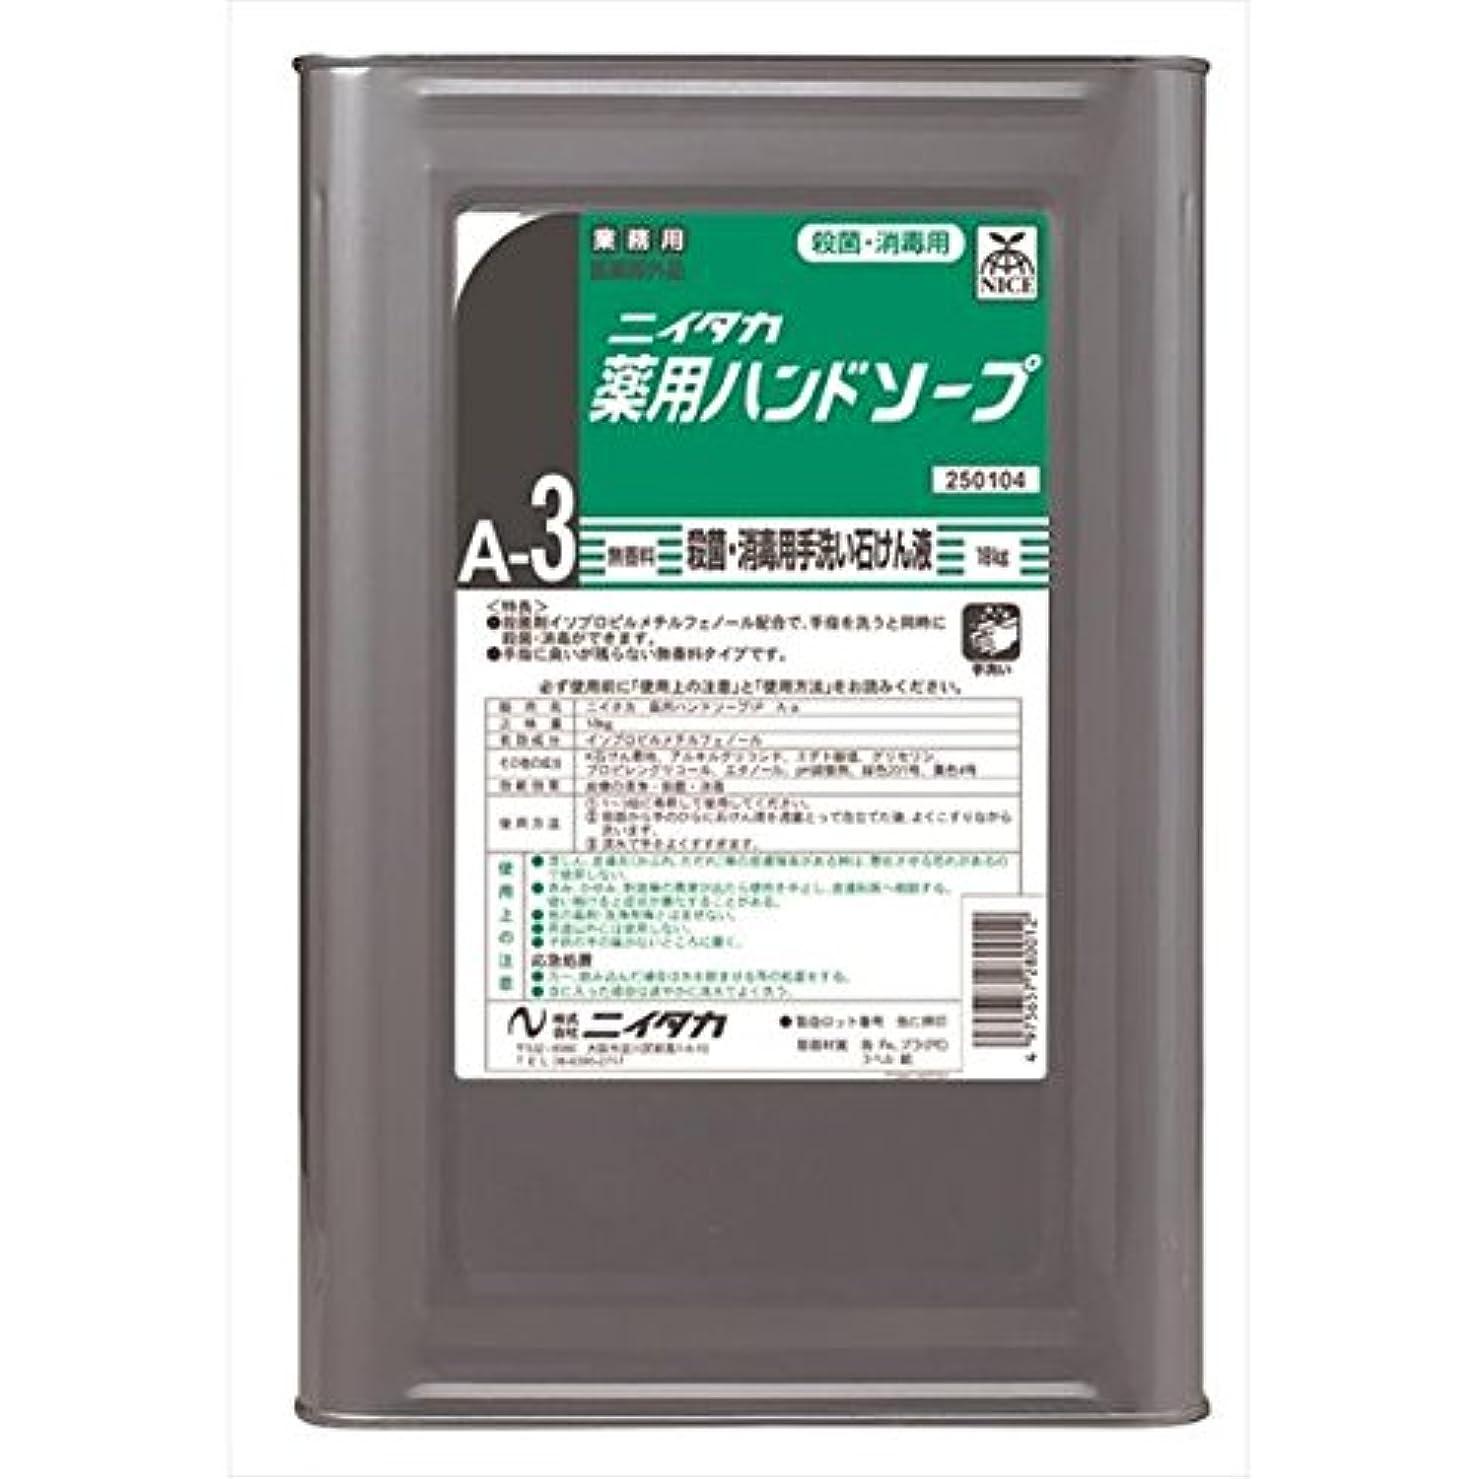 少し行政支配するニイタカ:薬用ハンドソープ(A-3) 18kg 250104